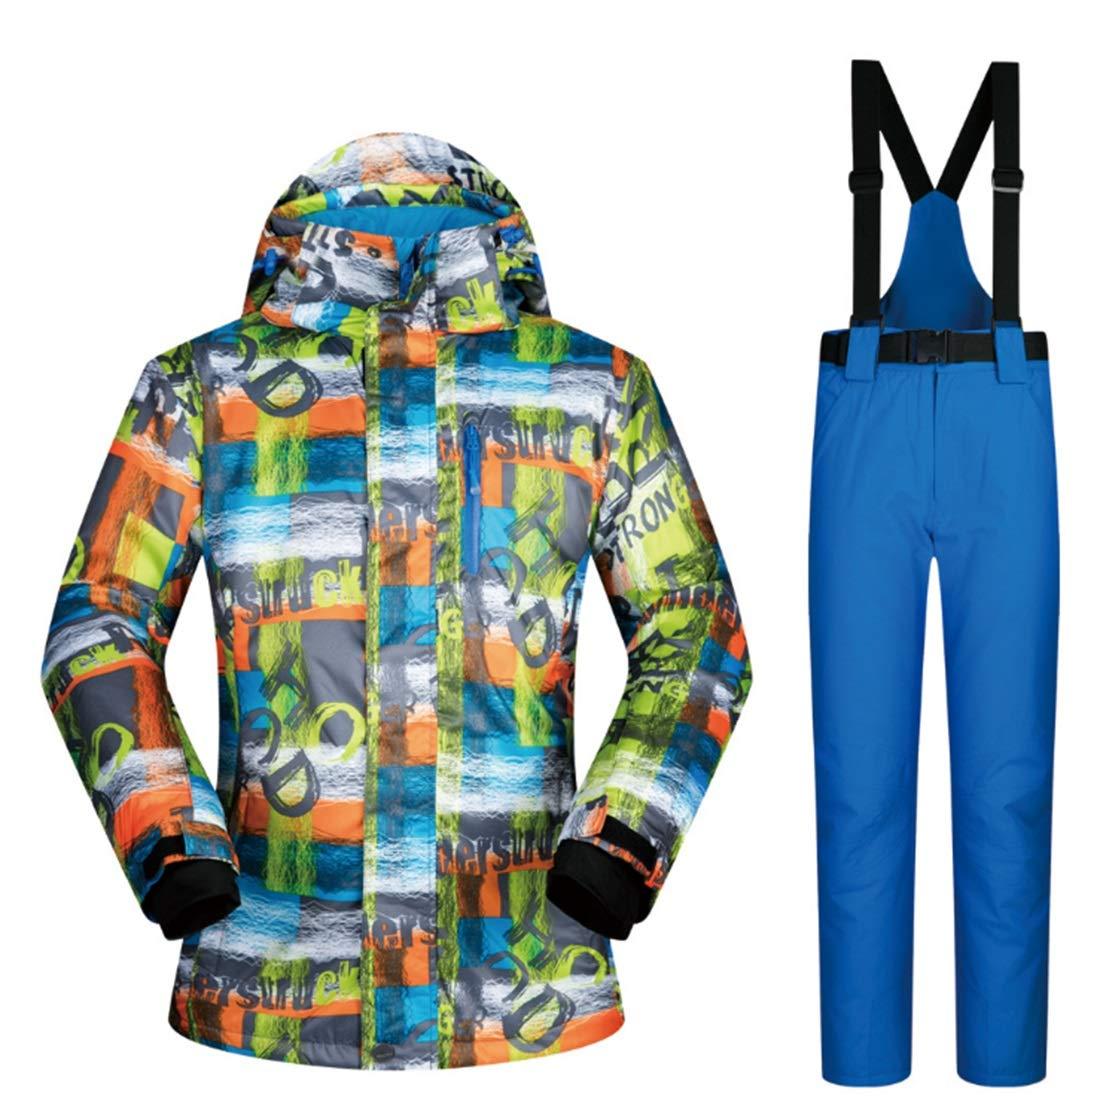 Nalkusxi Giacca da Sci Invernale e Pantaloni Outdoor Sport Suit Neve da Neve Suit Antivento e Impermeabile (Coloree   02, Dimensione   XL)B07KQ791NKL 04 58e35e